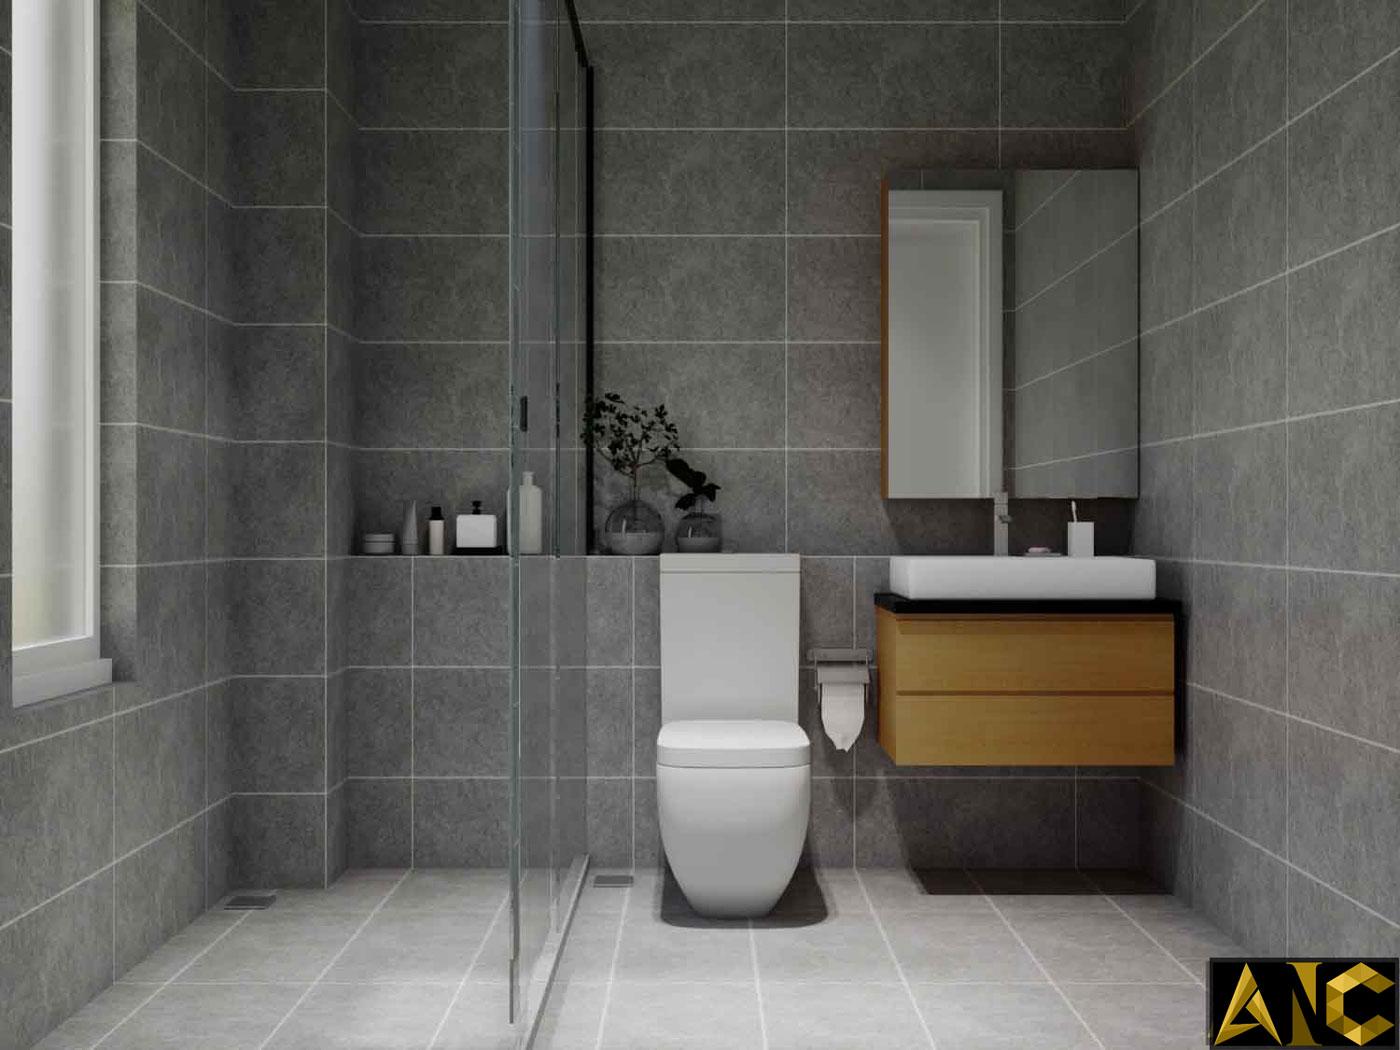 Thiết kế thi công nội thất: Căn hộ Park River Side phòng vệ sinh view 1